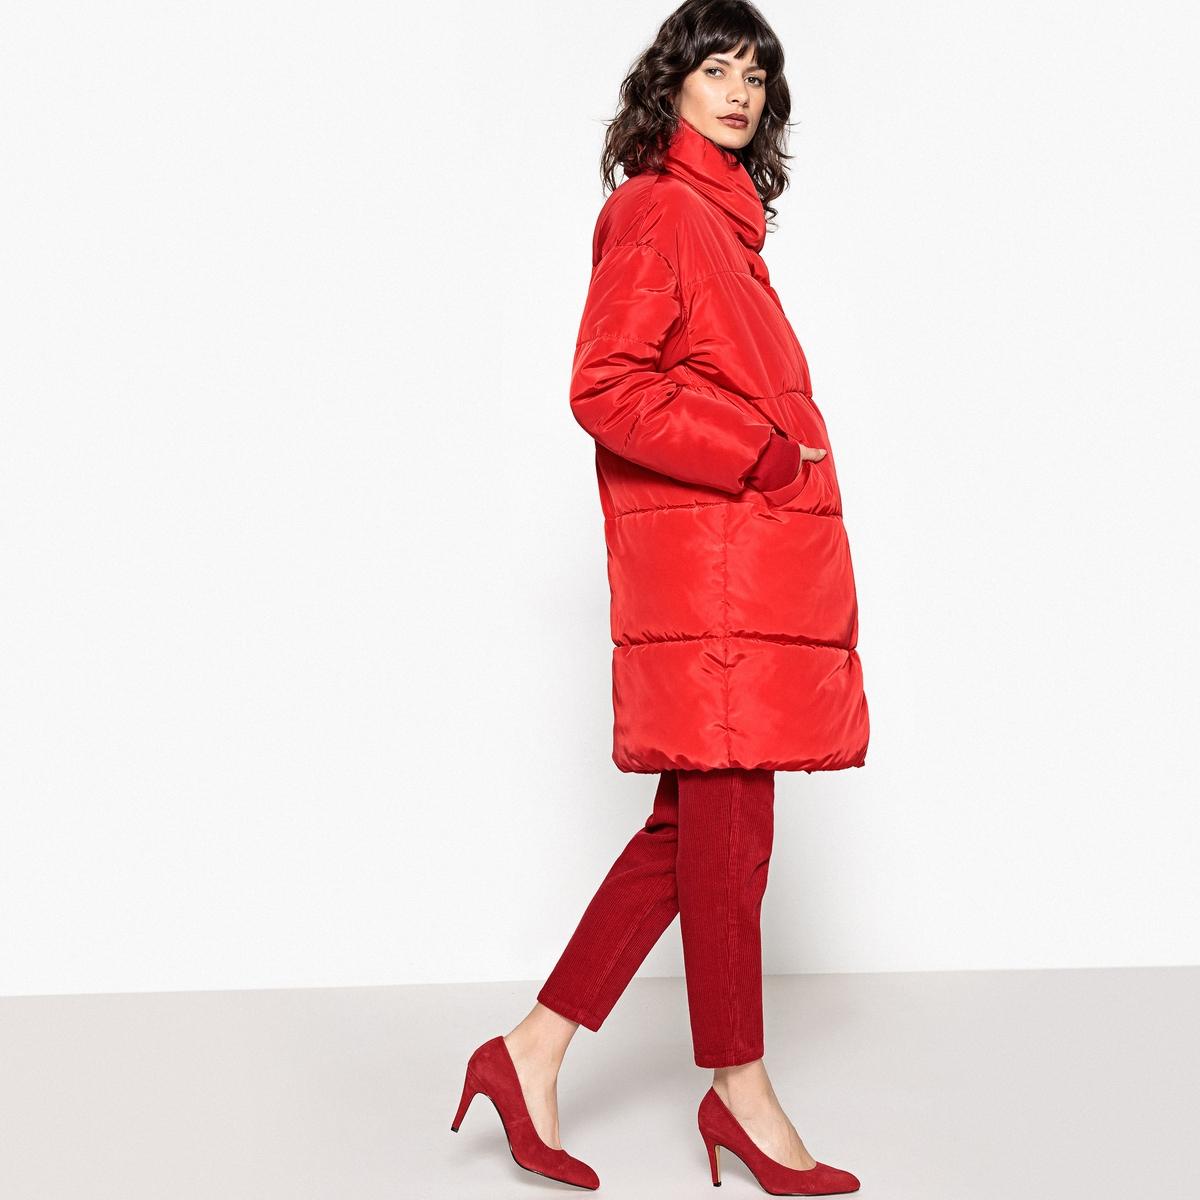 Куртка стеганая оверсайзЭта куртка покроя оверсайз обеспечит отличную защиту от холода . Вам не захочется расставаться с ней на протяжении всей зимы .Детали •  Длина : удлиненная модель •  Воротник-стойка •  Застежка на молниюСостав и уход •  100% полиэстер •  Подкладка : 100% полиэстер. Утеплитель из 90% пуха, 10% пера •  Температура стирки 30° •  Сухая чистка и отбеливатели запрещены •  Не использовать барабанную сушку   •  Не гладить •  Длина : 98 см<br><br>Цвет: красный,синий морской<br>Размер: M.S.S.L.L.M.XL.XL